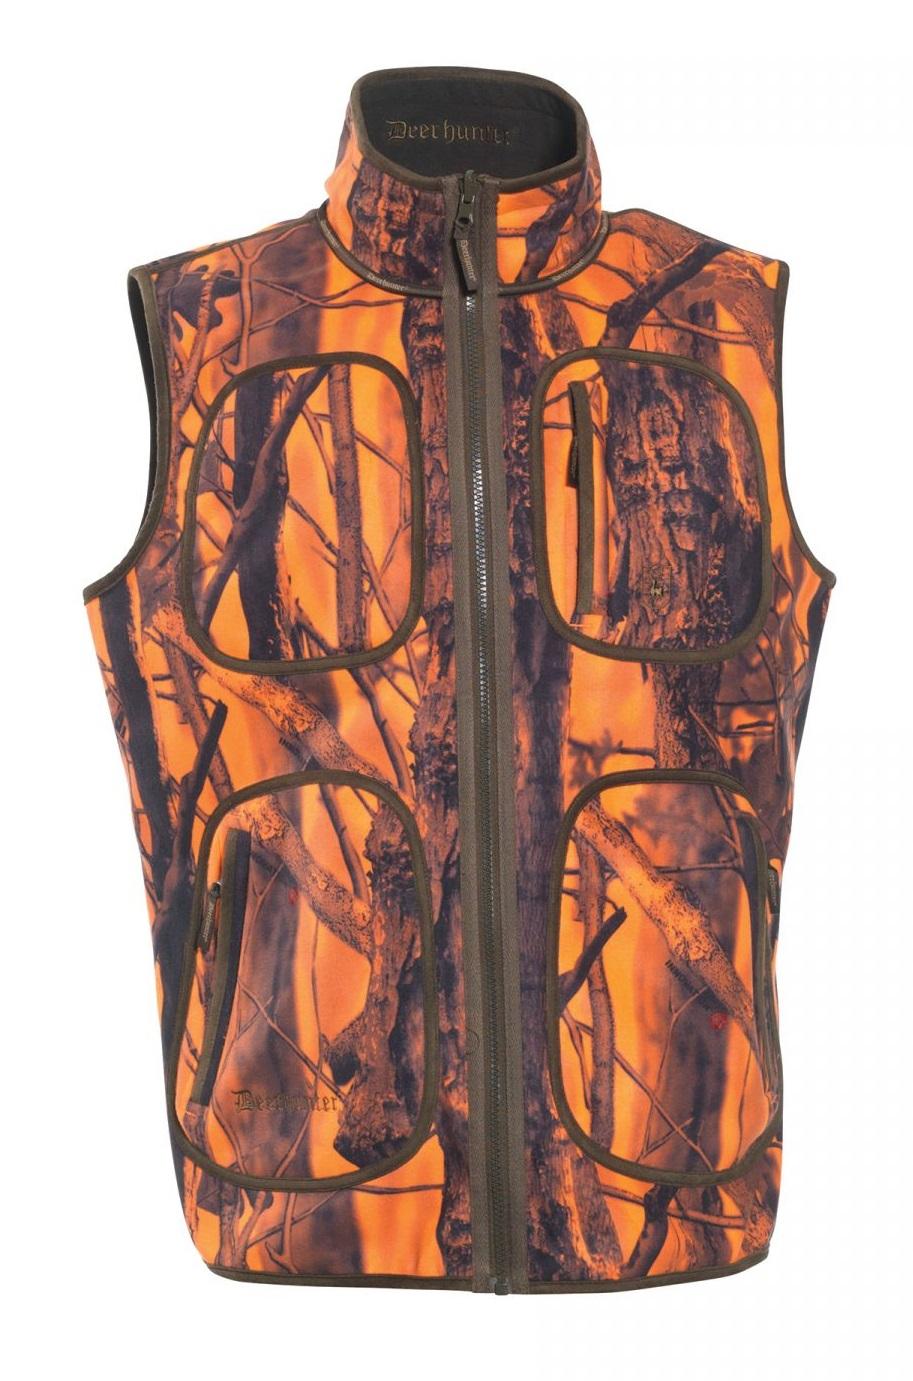 Deerhunter Veste de chasse polaire camouflage Blaze Gamekeeper r/éversible